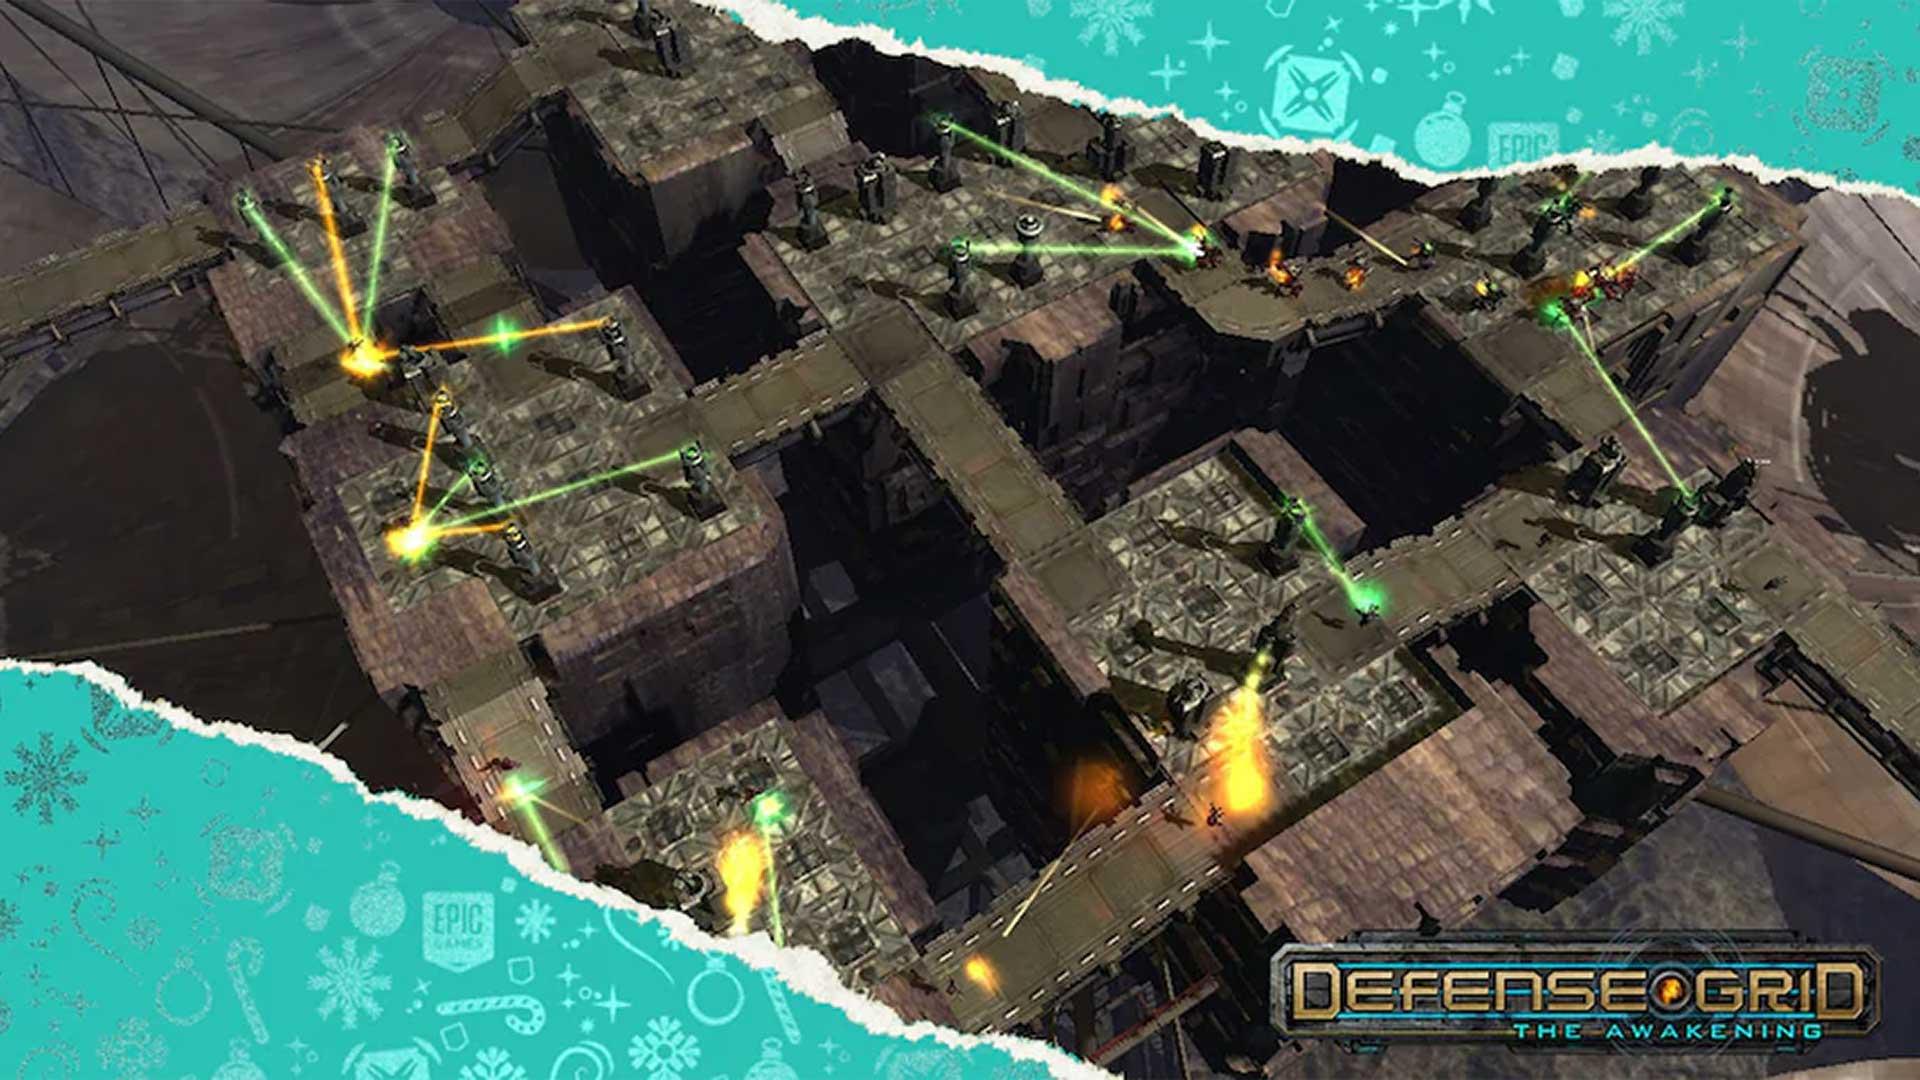 egs xmas free game defense grid